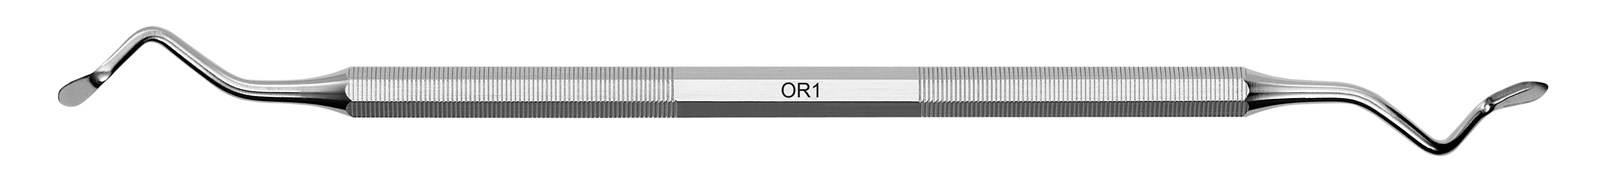 Oboustranný parodontální nůž Orban - OR1, ADEP šedý